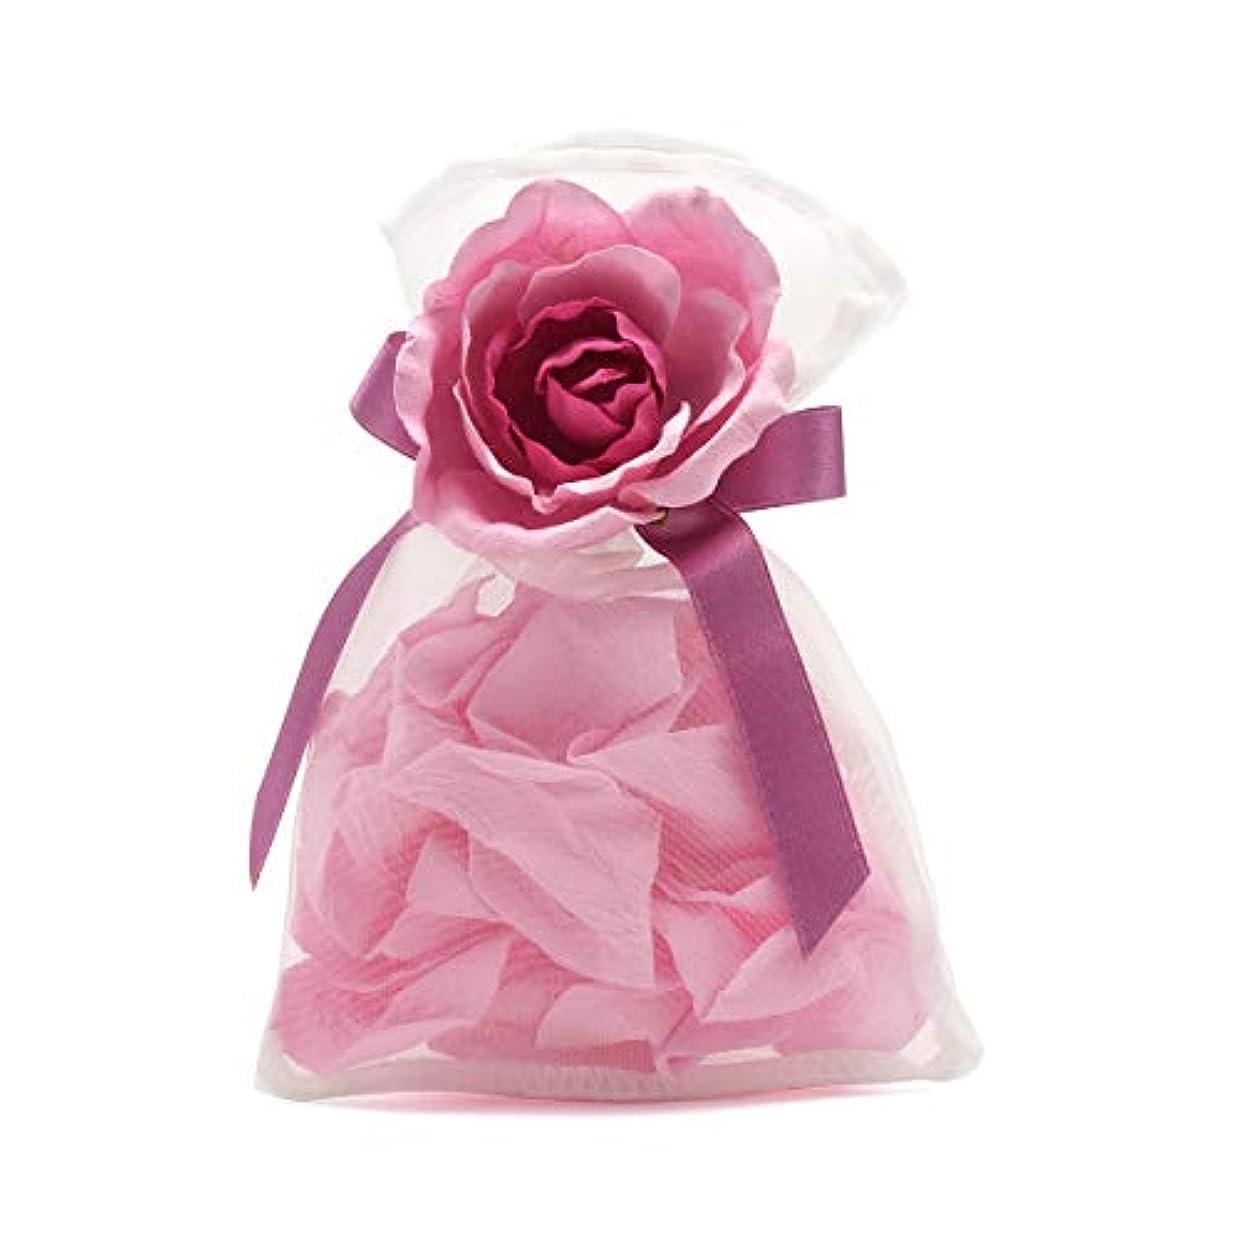 強調コンサート絶望的なノルコーポレーション メルシーブーケ サシェ ローズの香り